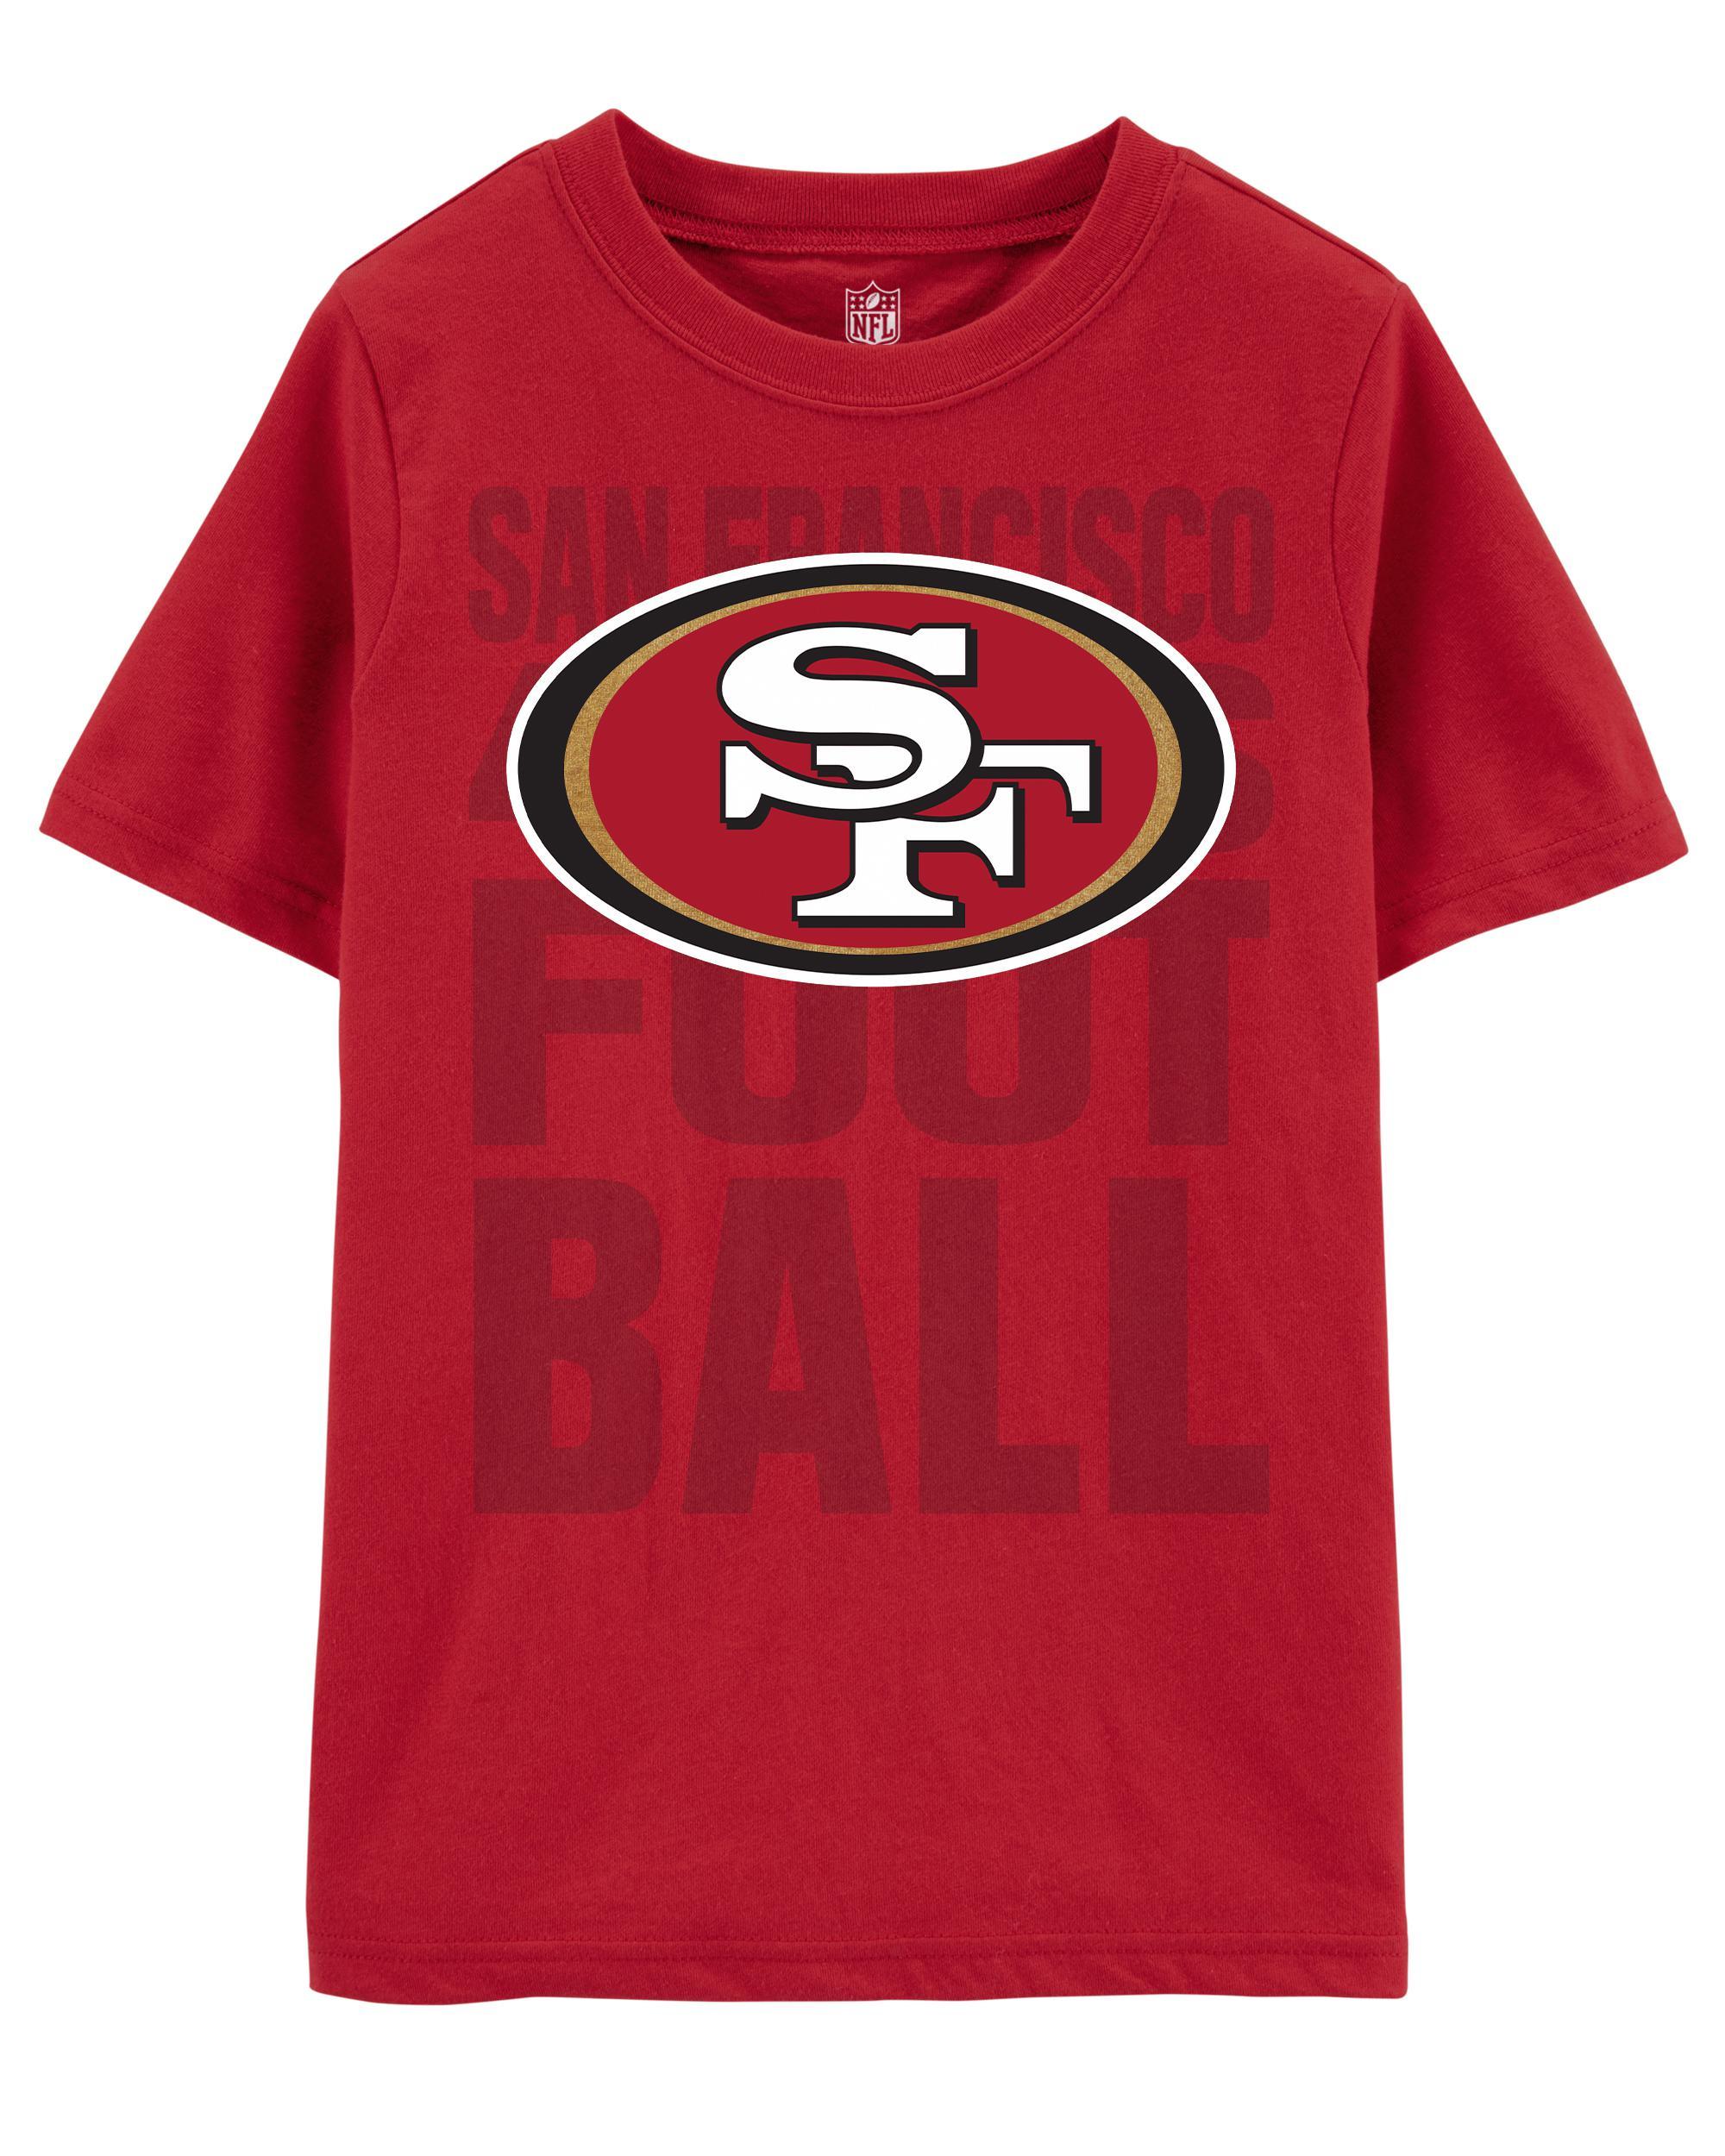 new concept f0575 dd8f9 NFL San Francisco 49ers Tee | carters.com